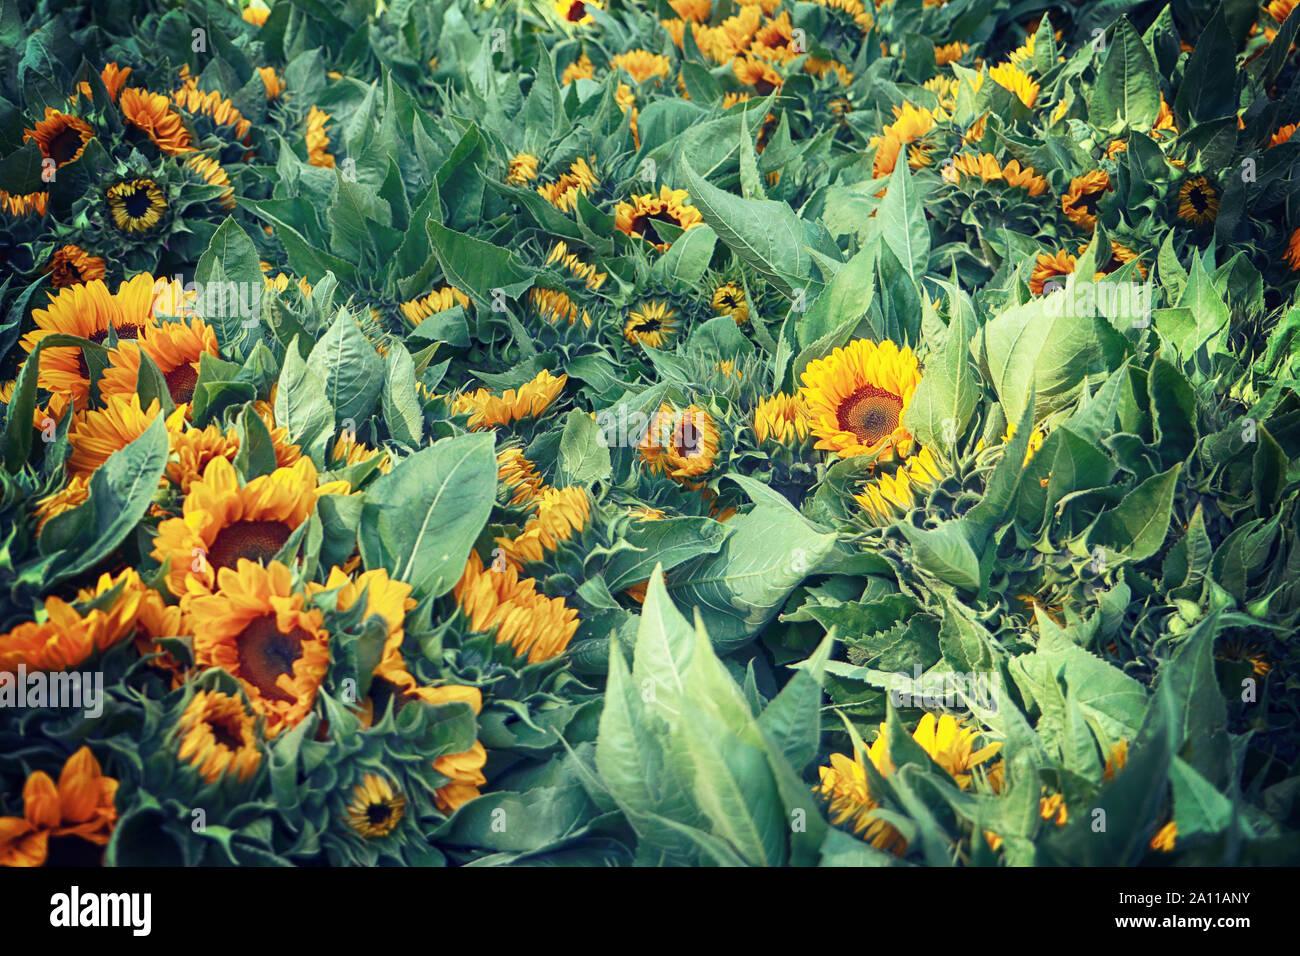 La culture intensive des fleurs en Bavière: tournesol lumineux chefs récoltés en été et prêt pour le marché floral, fond nature Banque D'Images